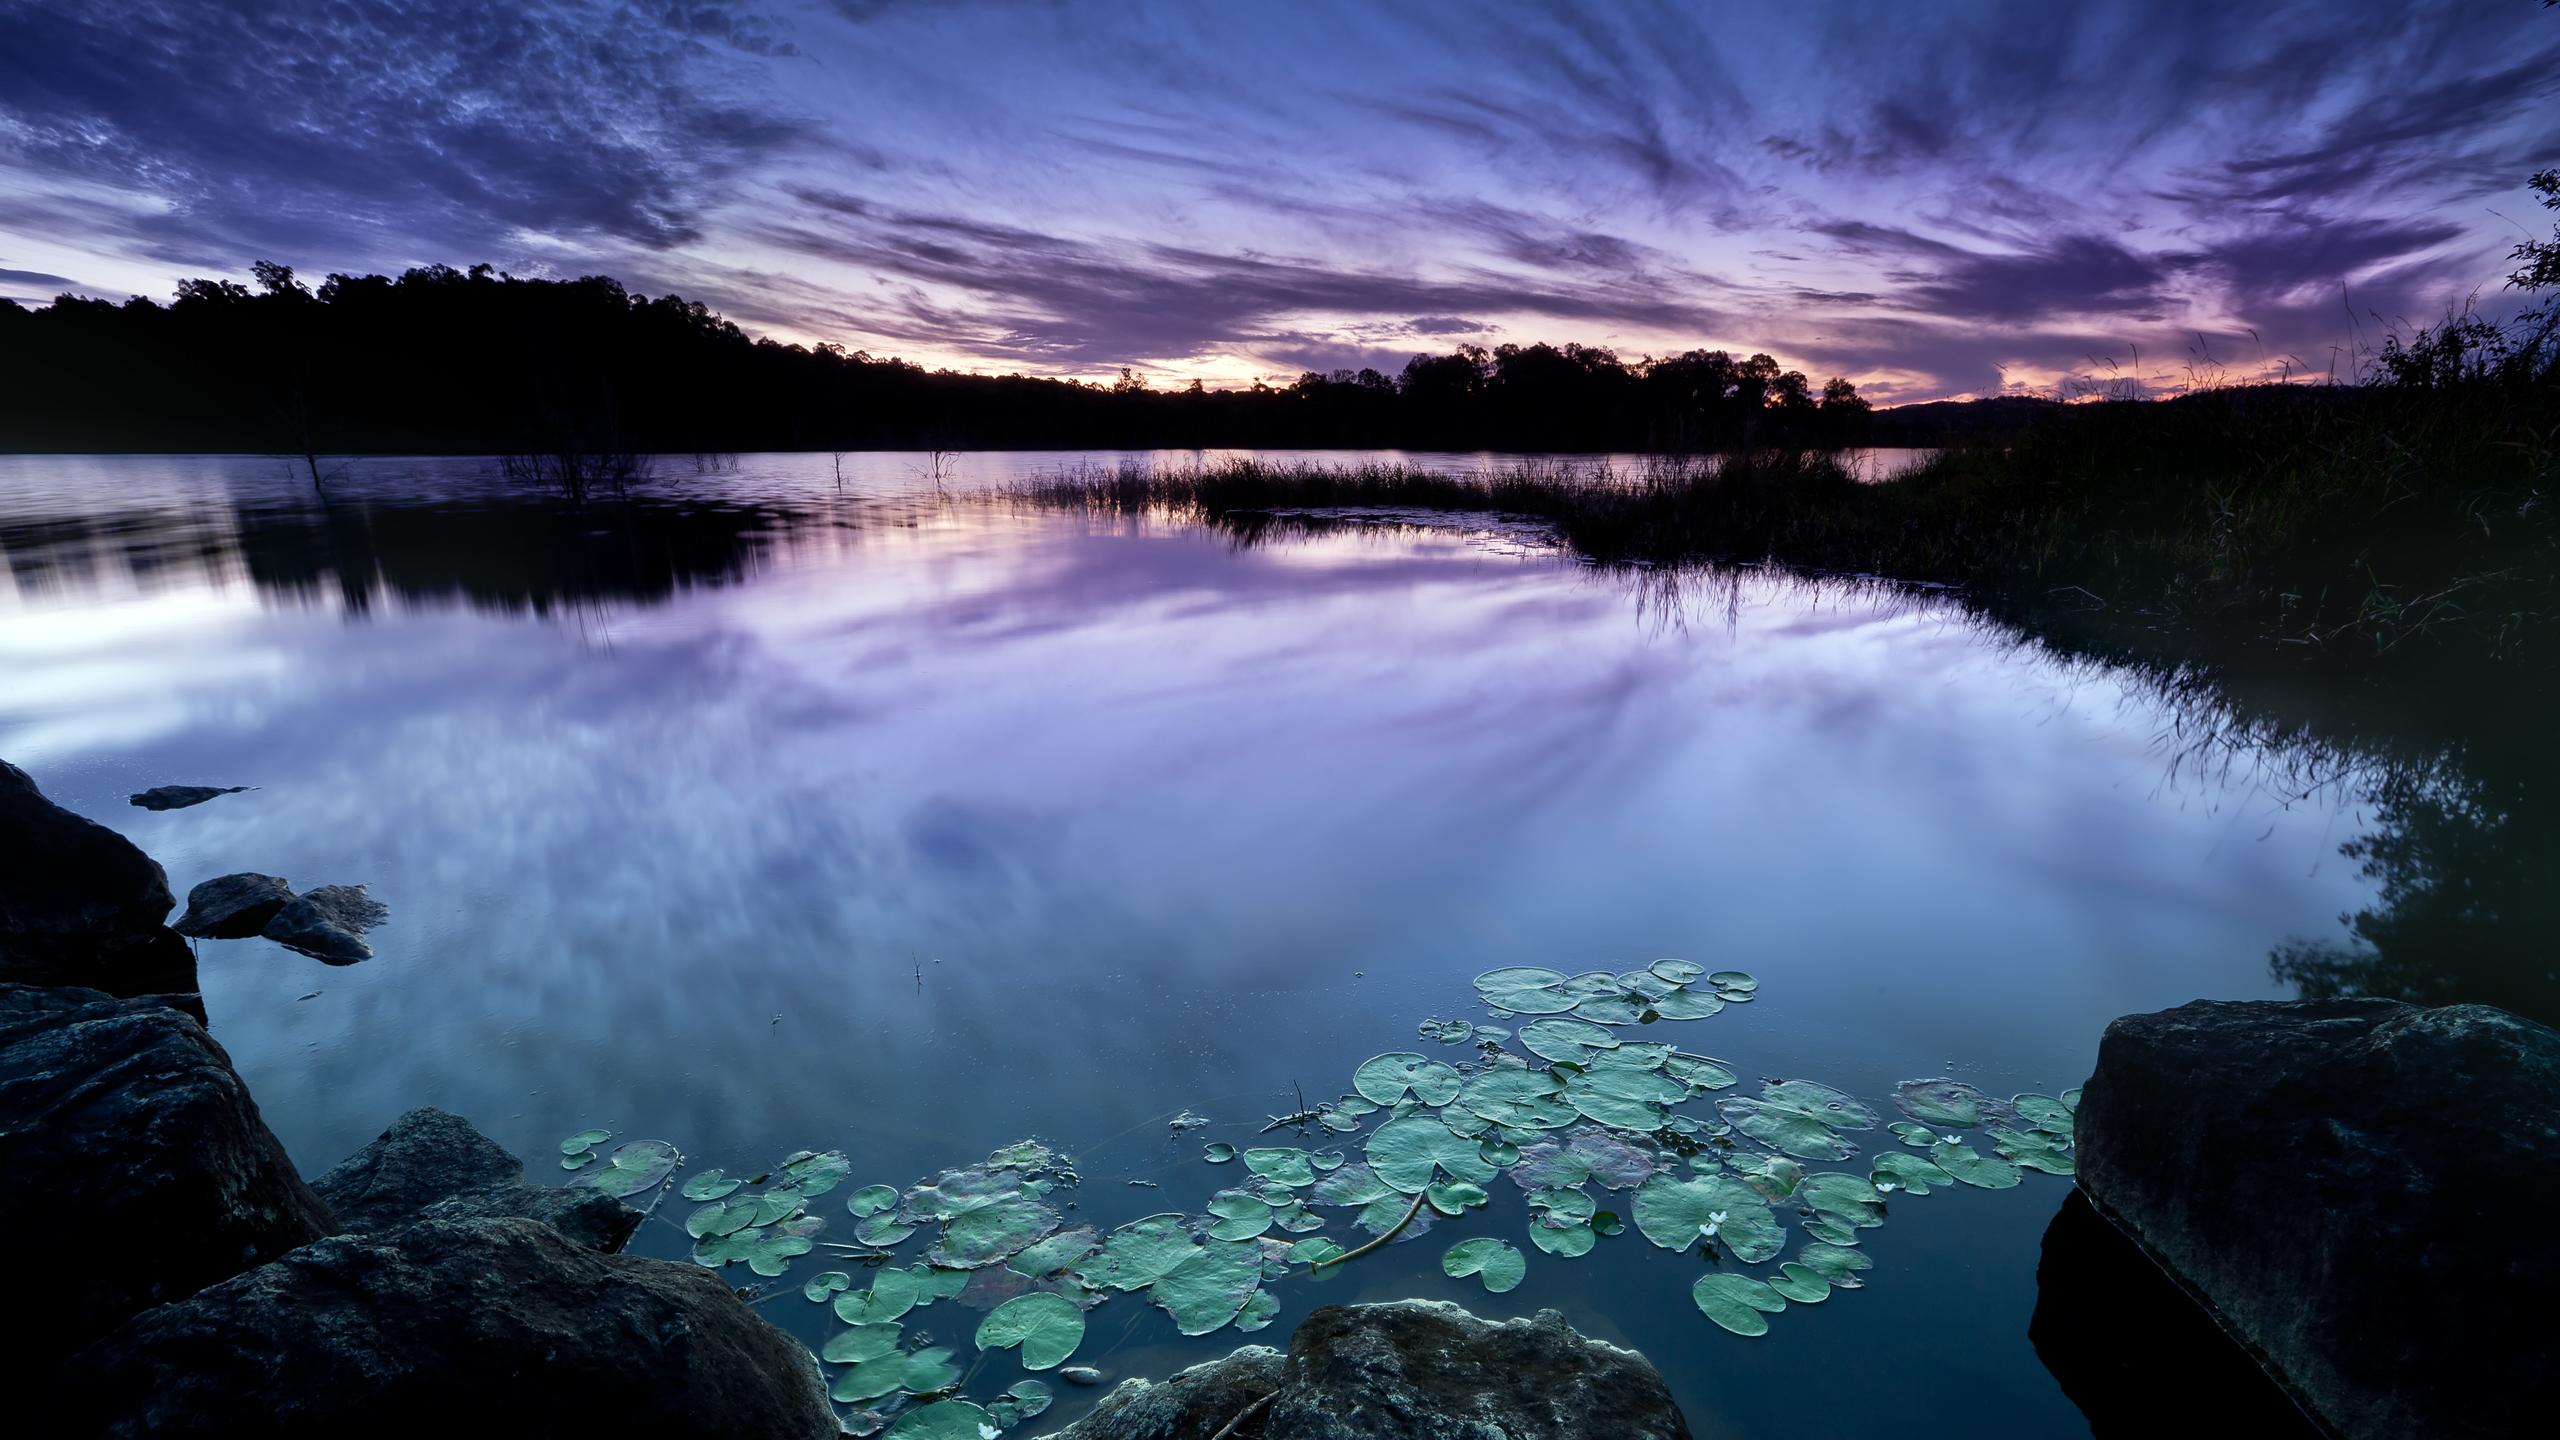 purple_sky_2560x1440